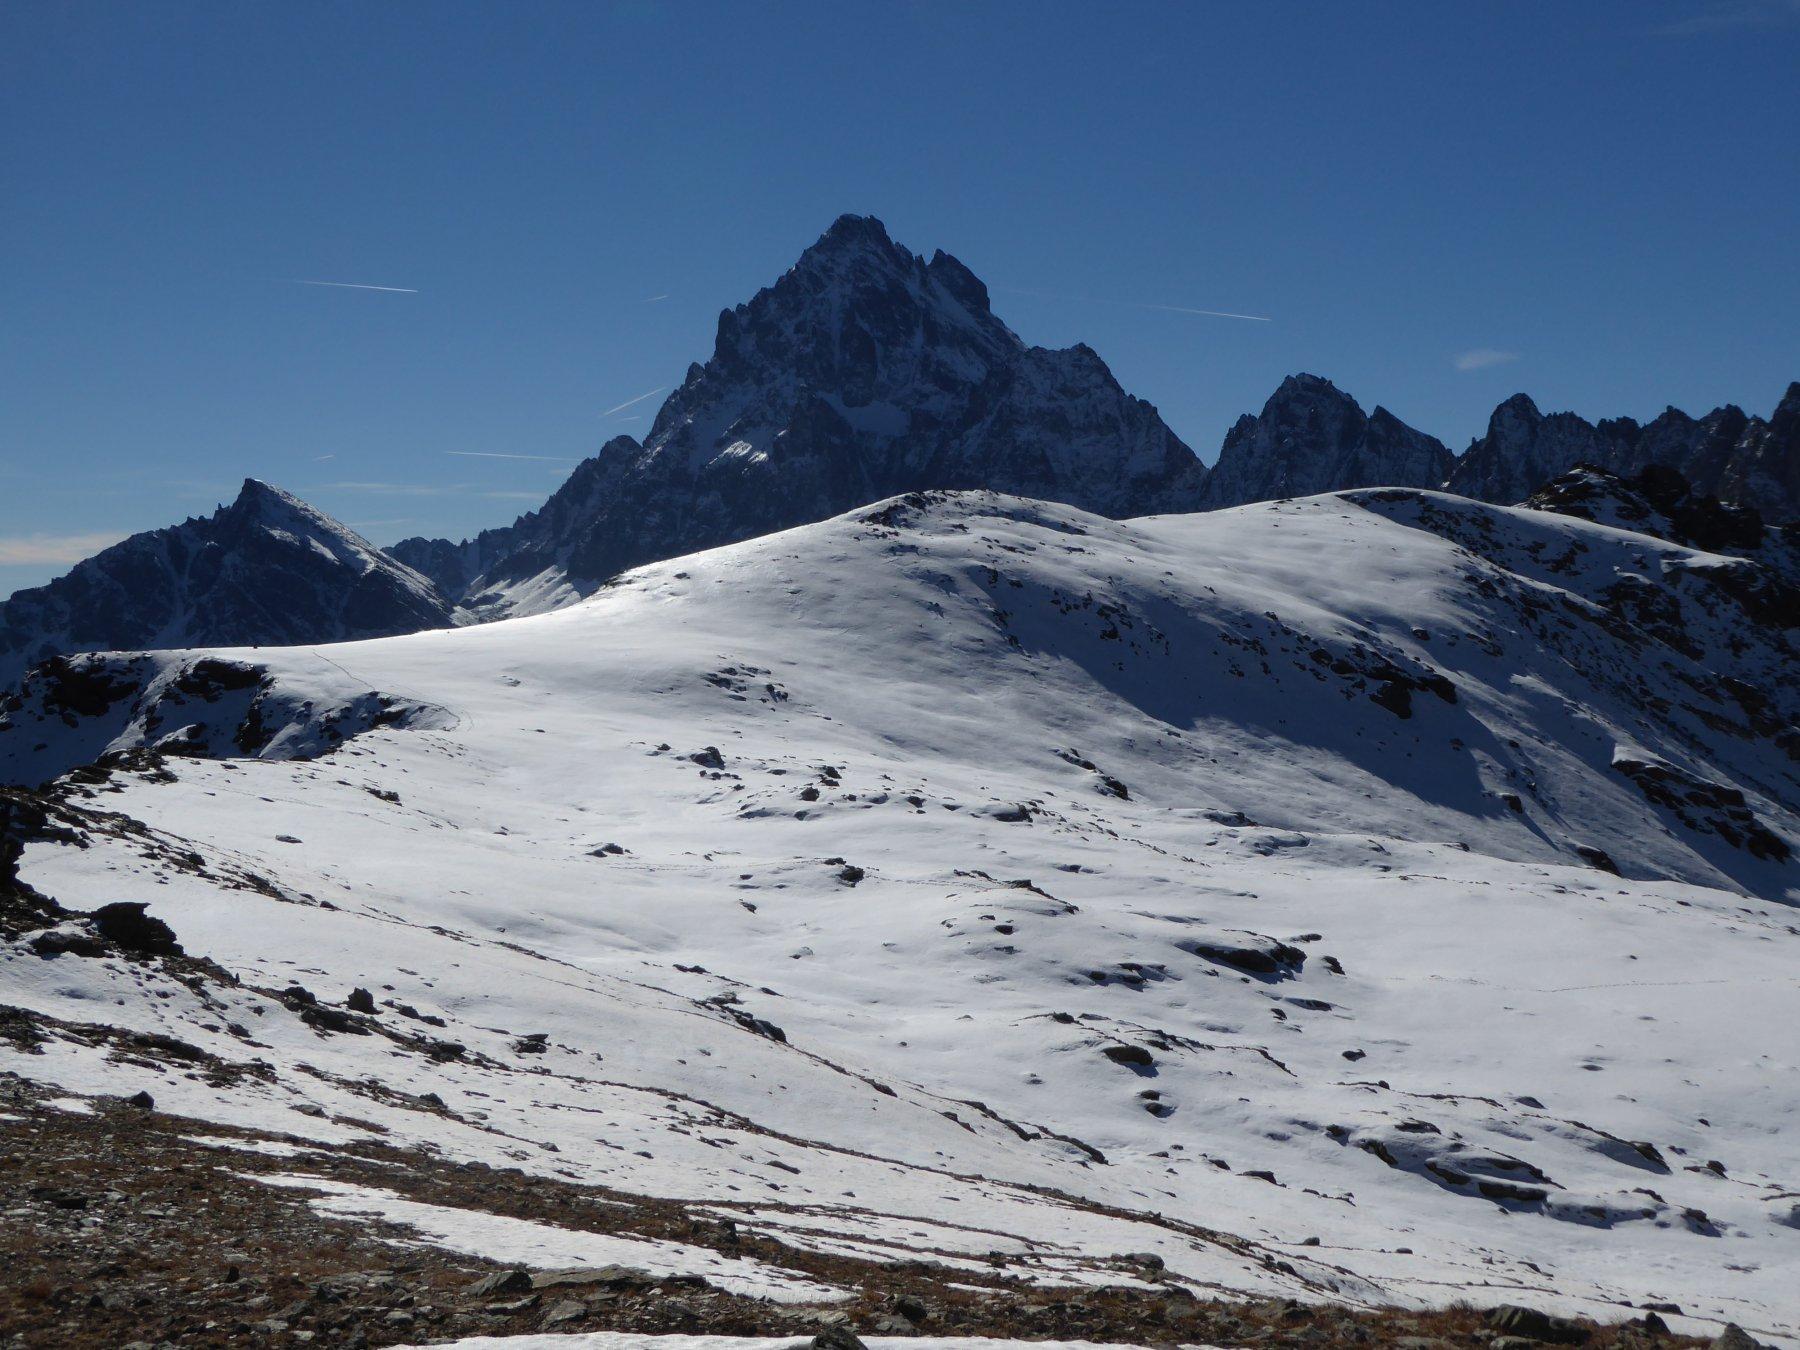 Da sinistra: Rocce Founs, anticima e castello 2761 metri visti da Rocca Nera